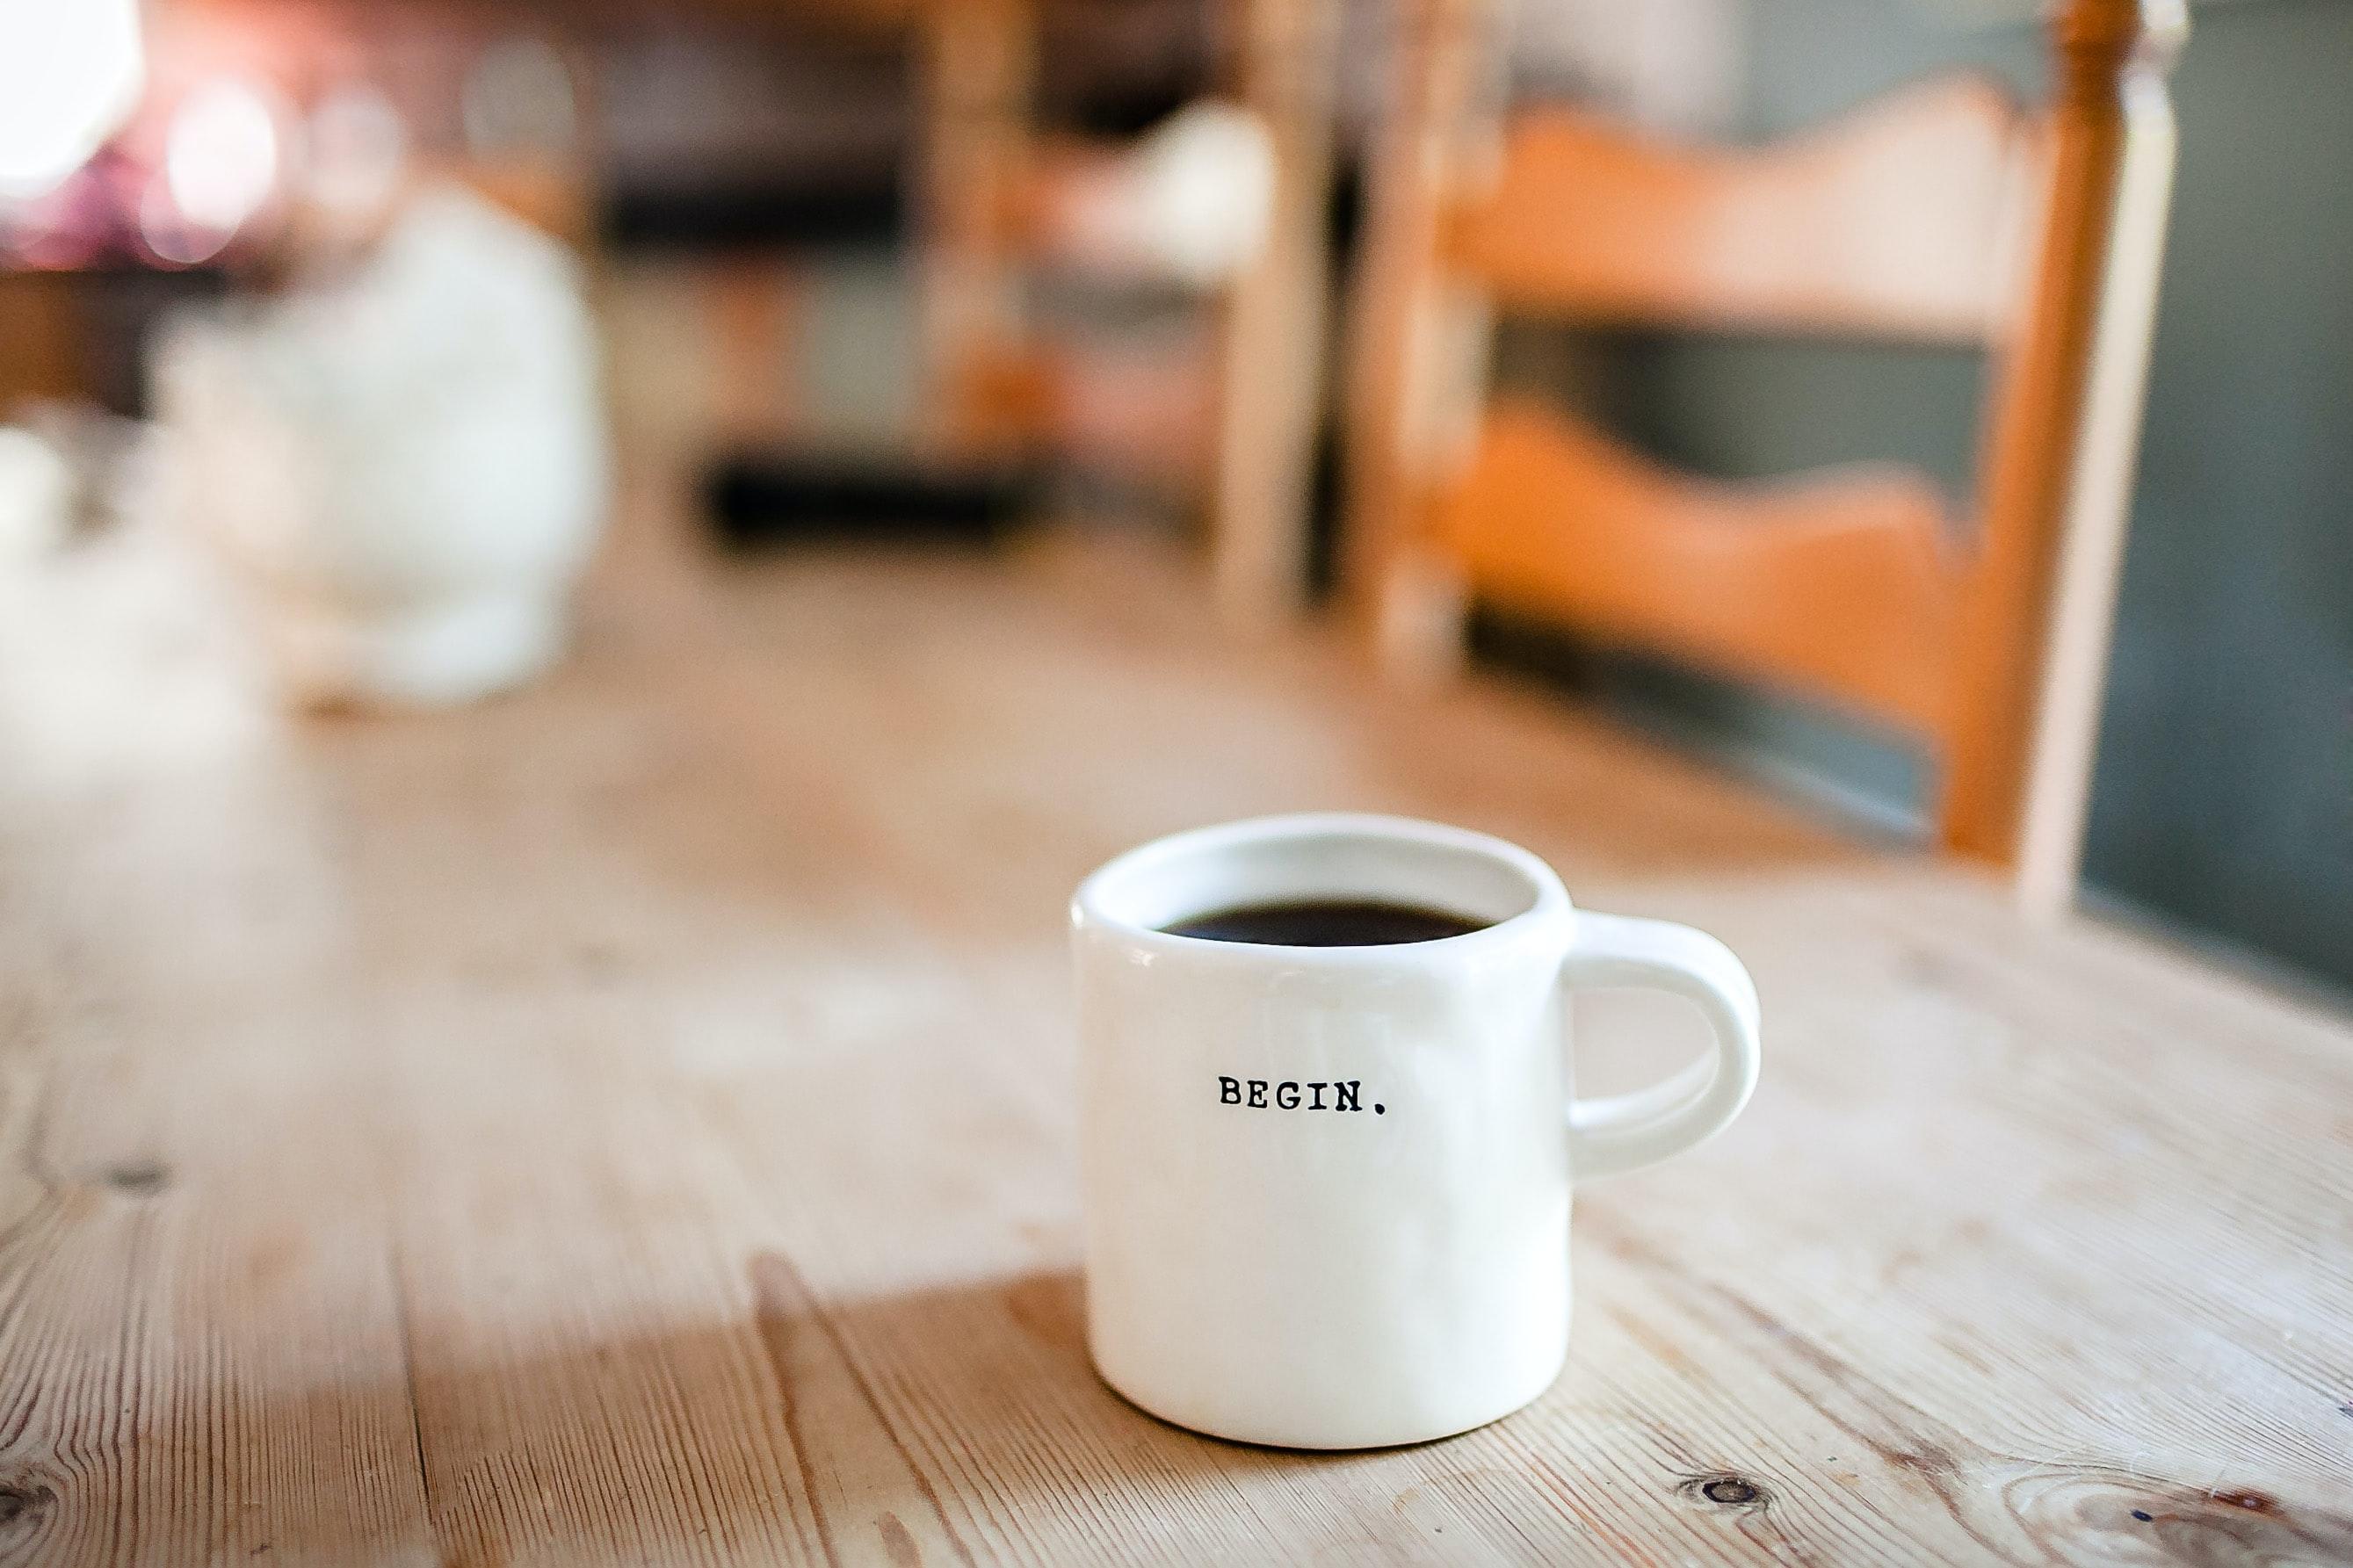 Kávé/kultúra – kötelező koffein-koncert kombó tökéletes októberi napokra